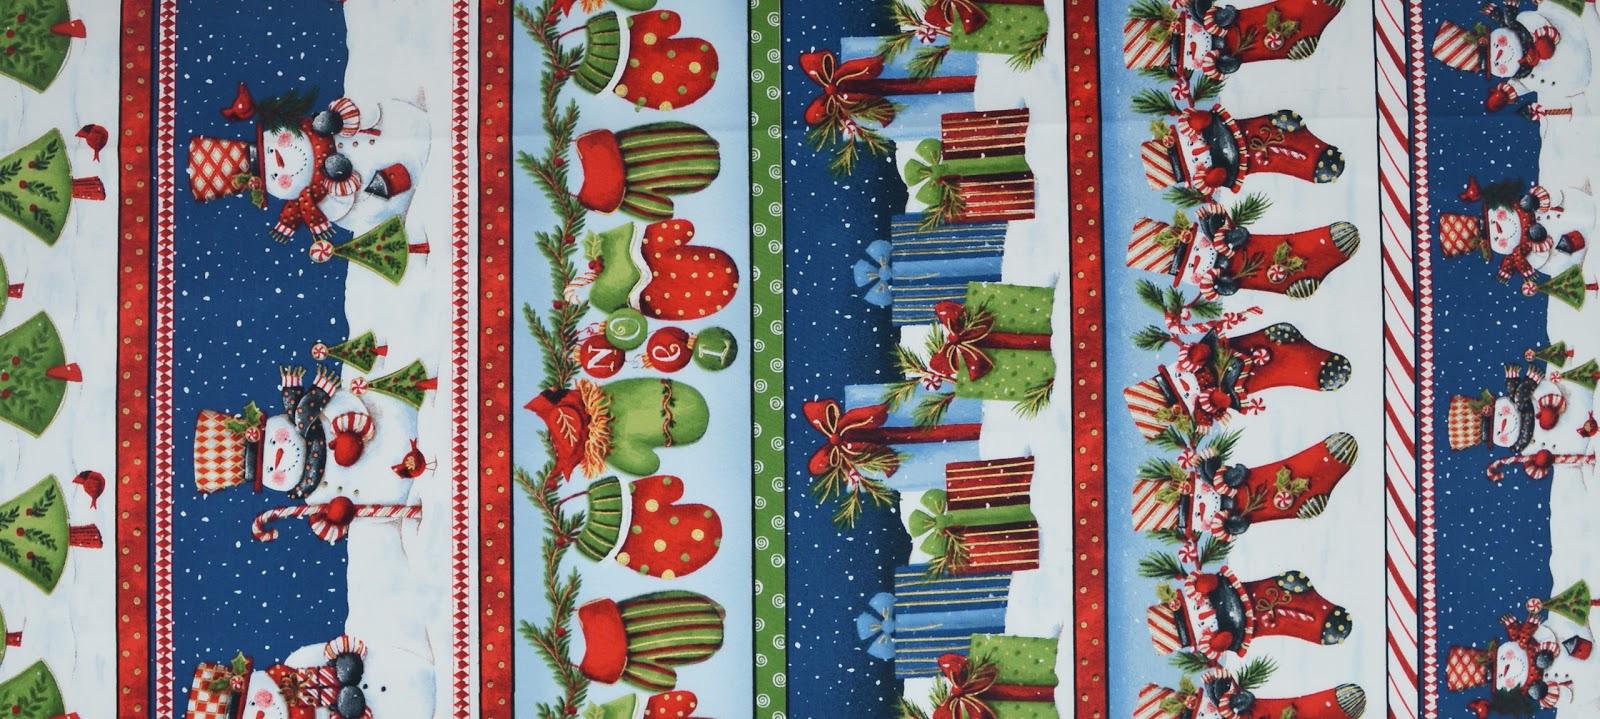 Картинки, фоны для декупажа и упаковки новогодних подарков (1)